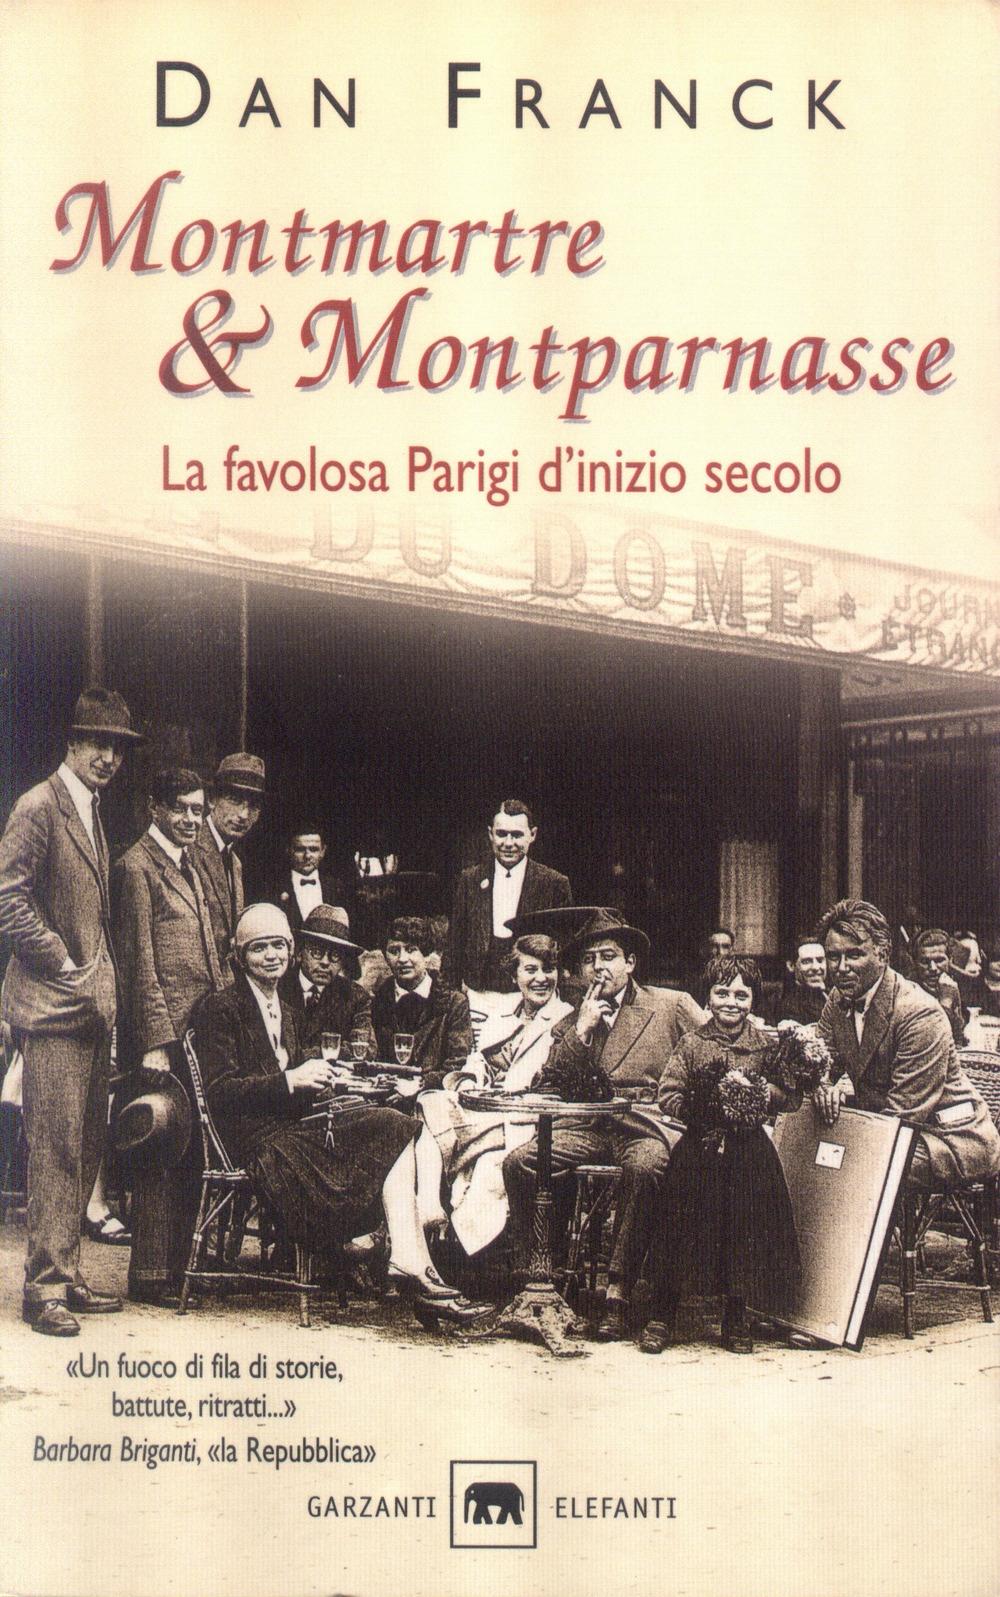 Montmartre & Montparnasse. La favolosa Parigi d'inizio secolo.